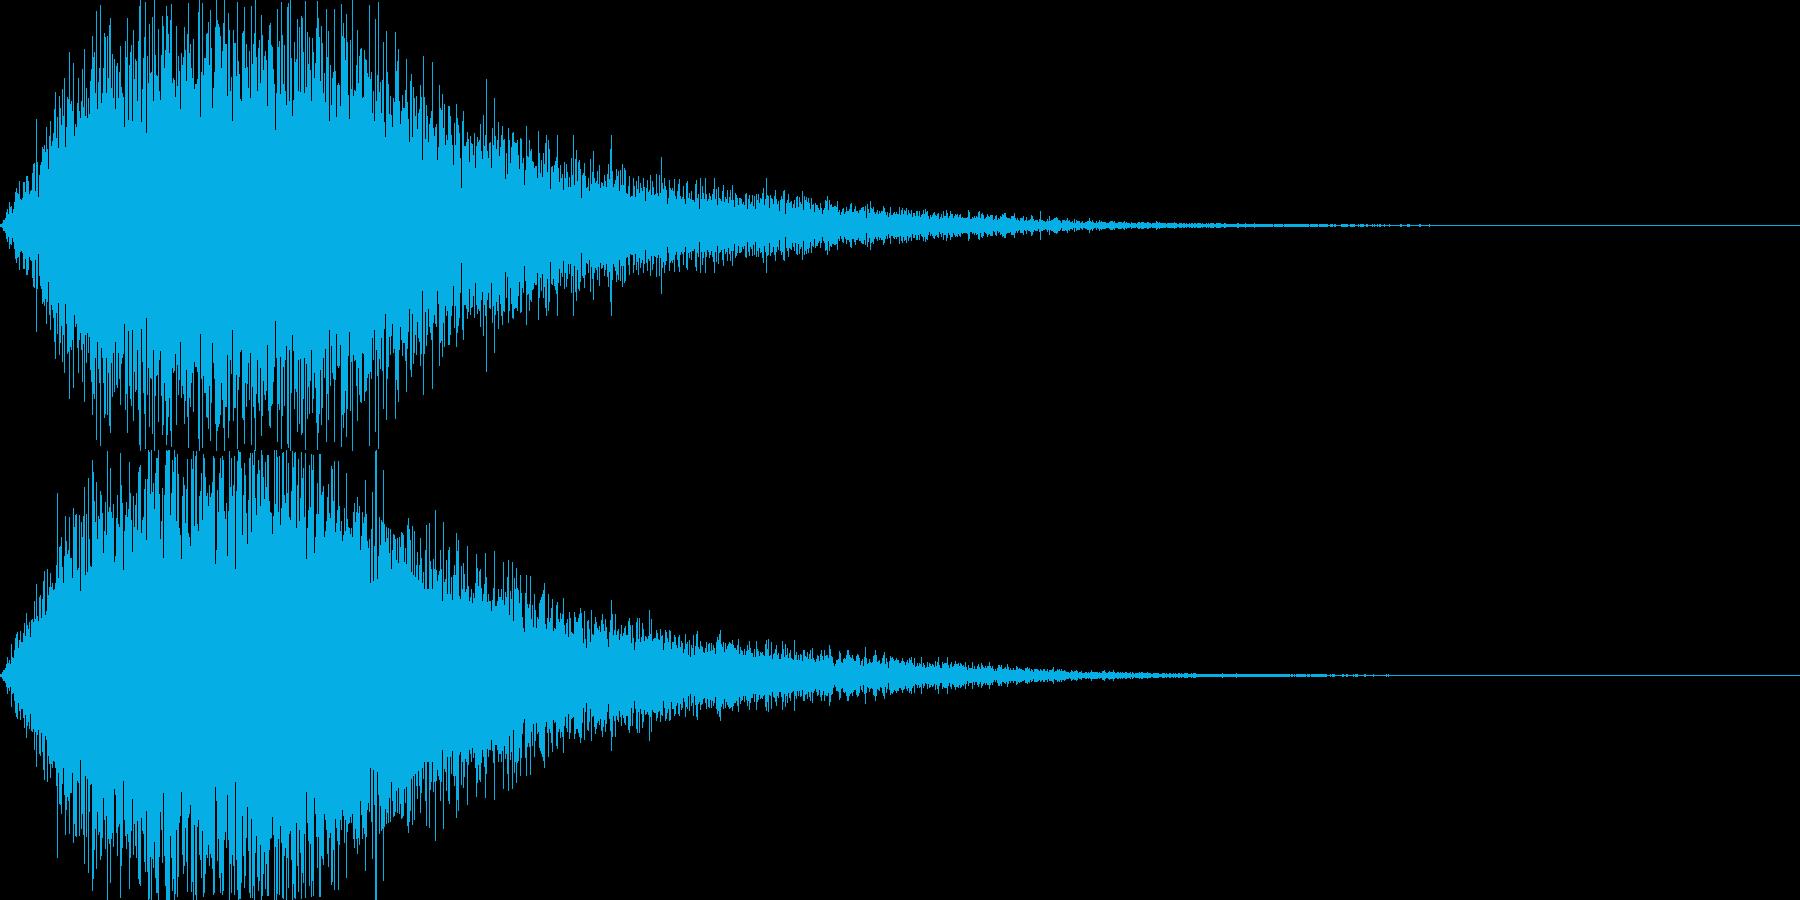 闇魔法ドゥーンドーンの再生済みの波形